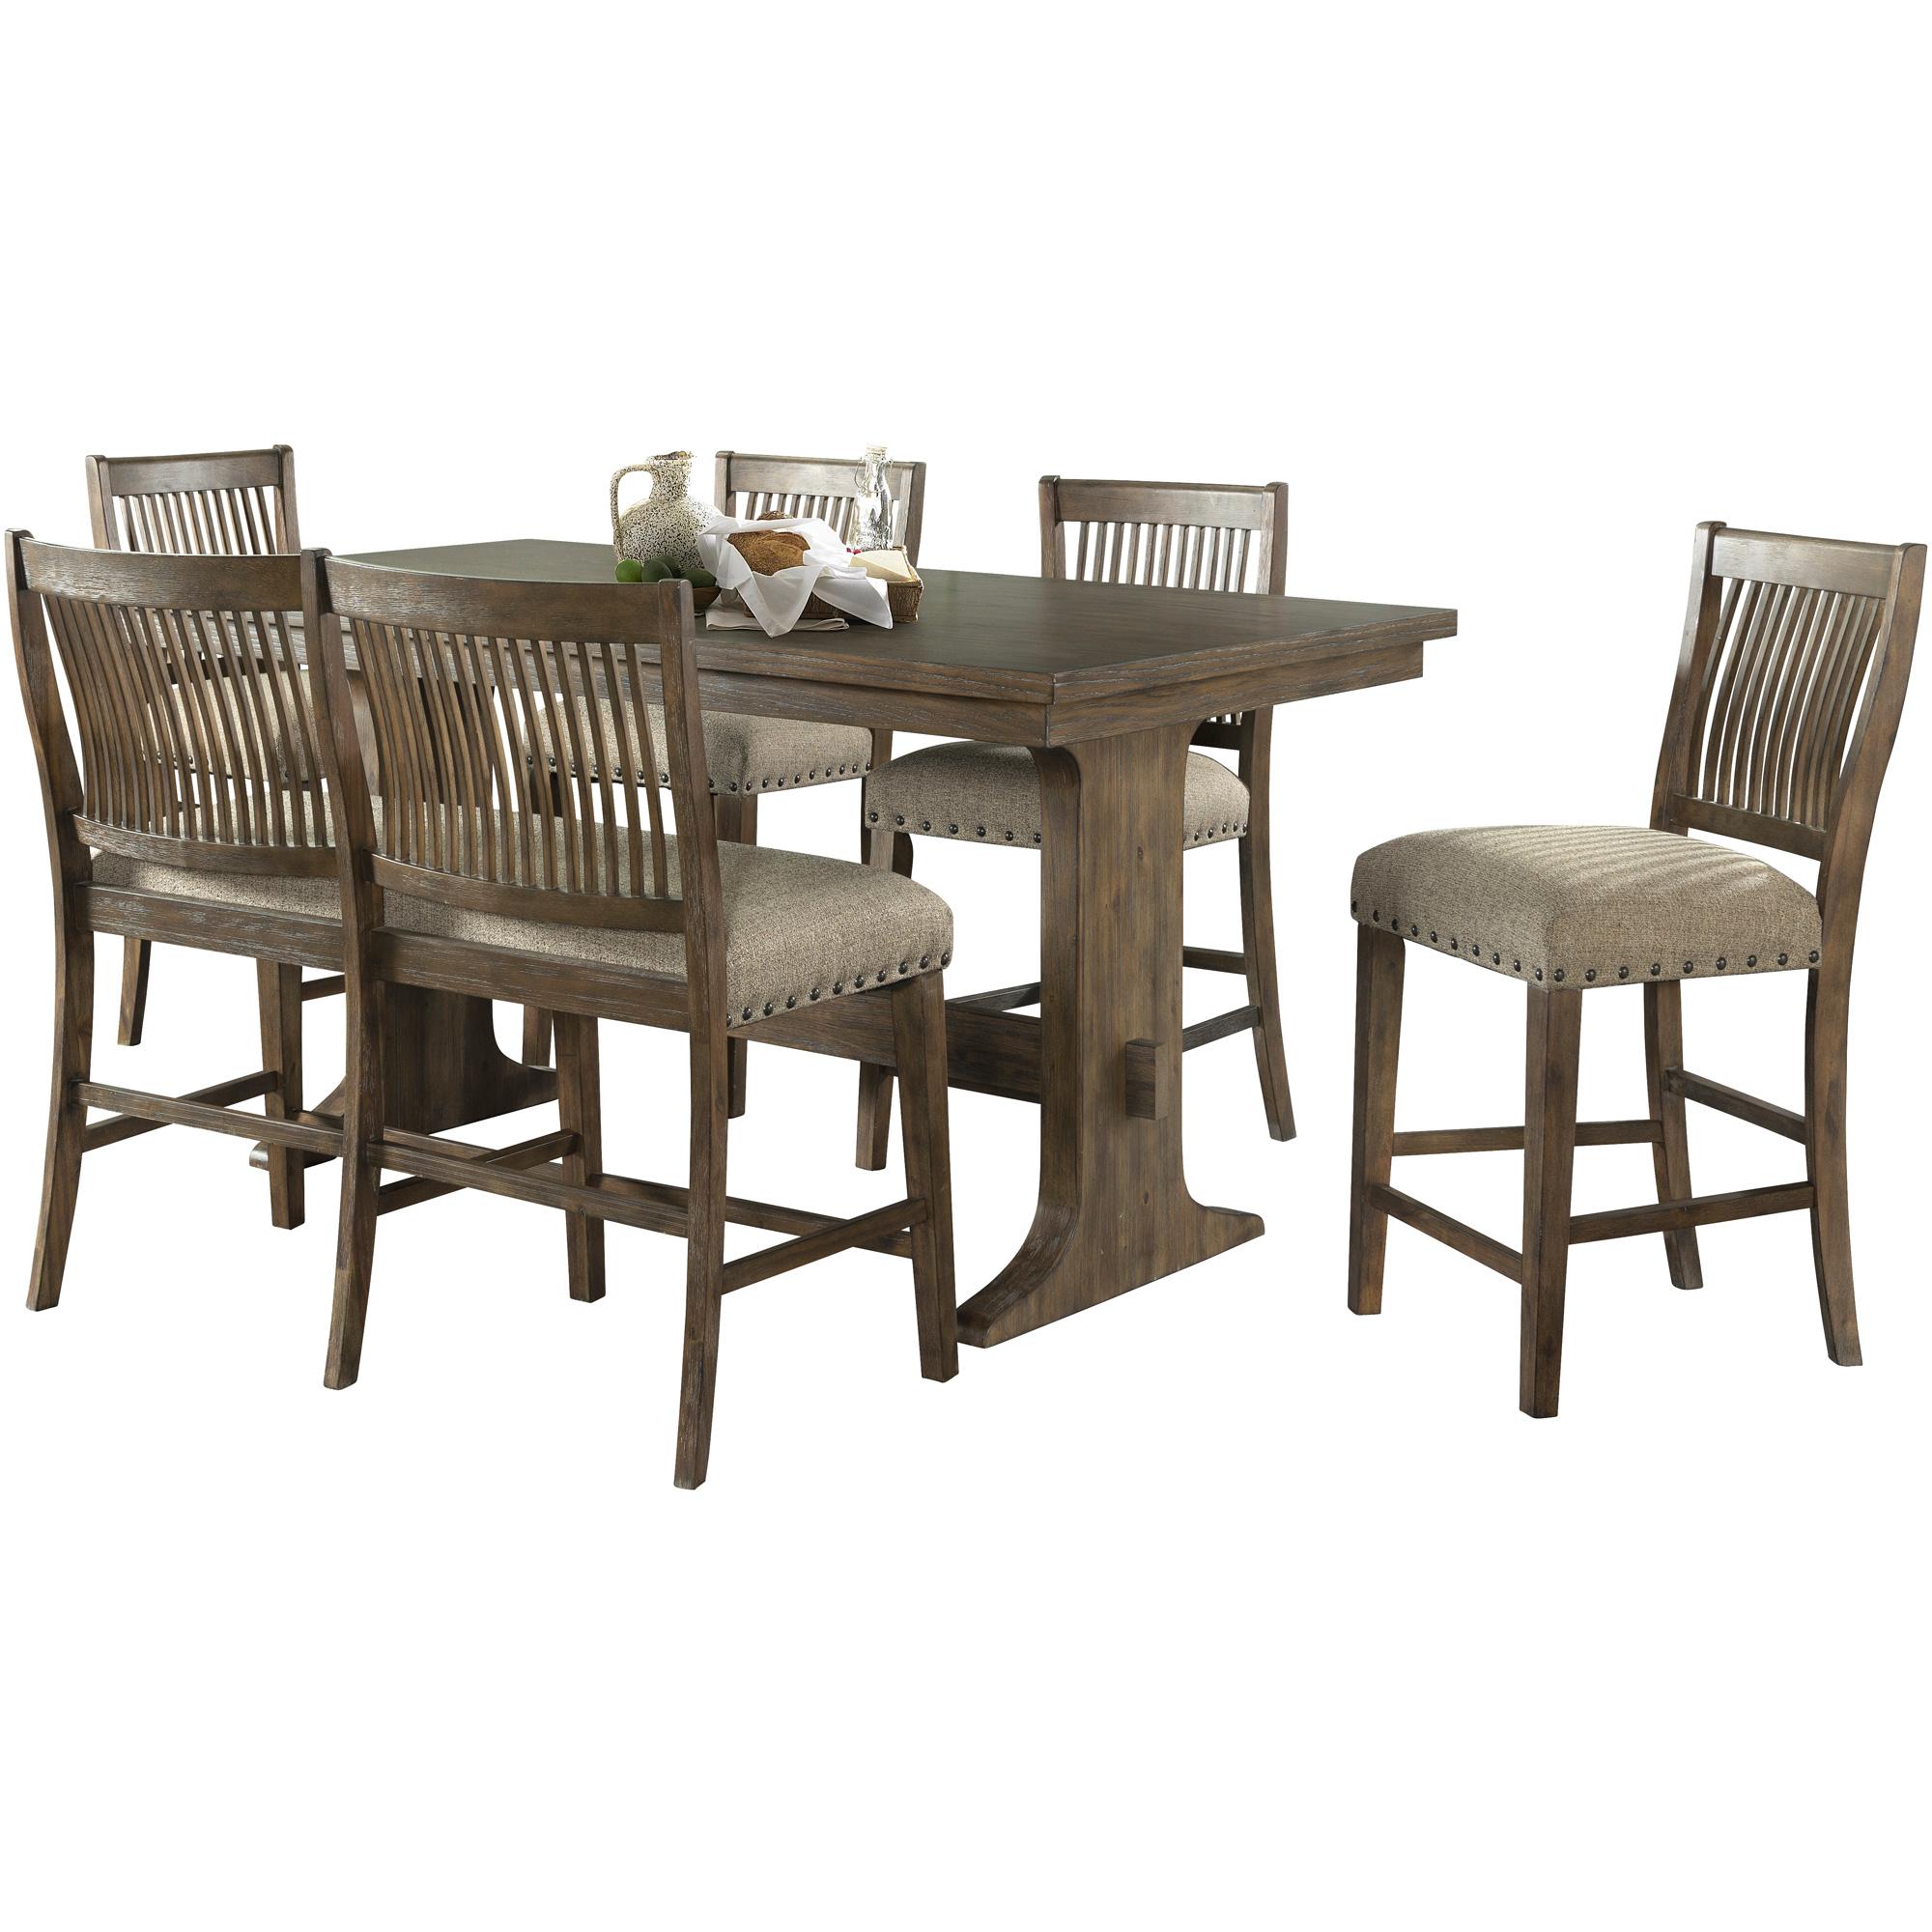 Lane Home Furnishings | Charleston Barley Oak 5 Piece Dining Set